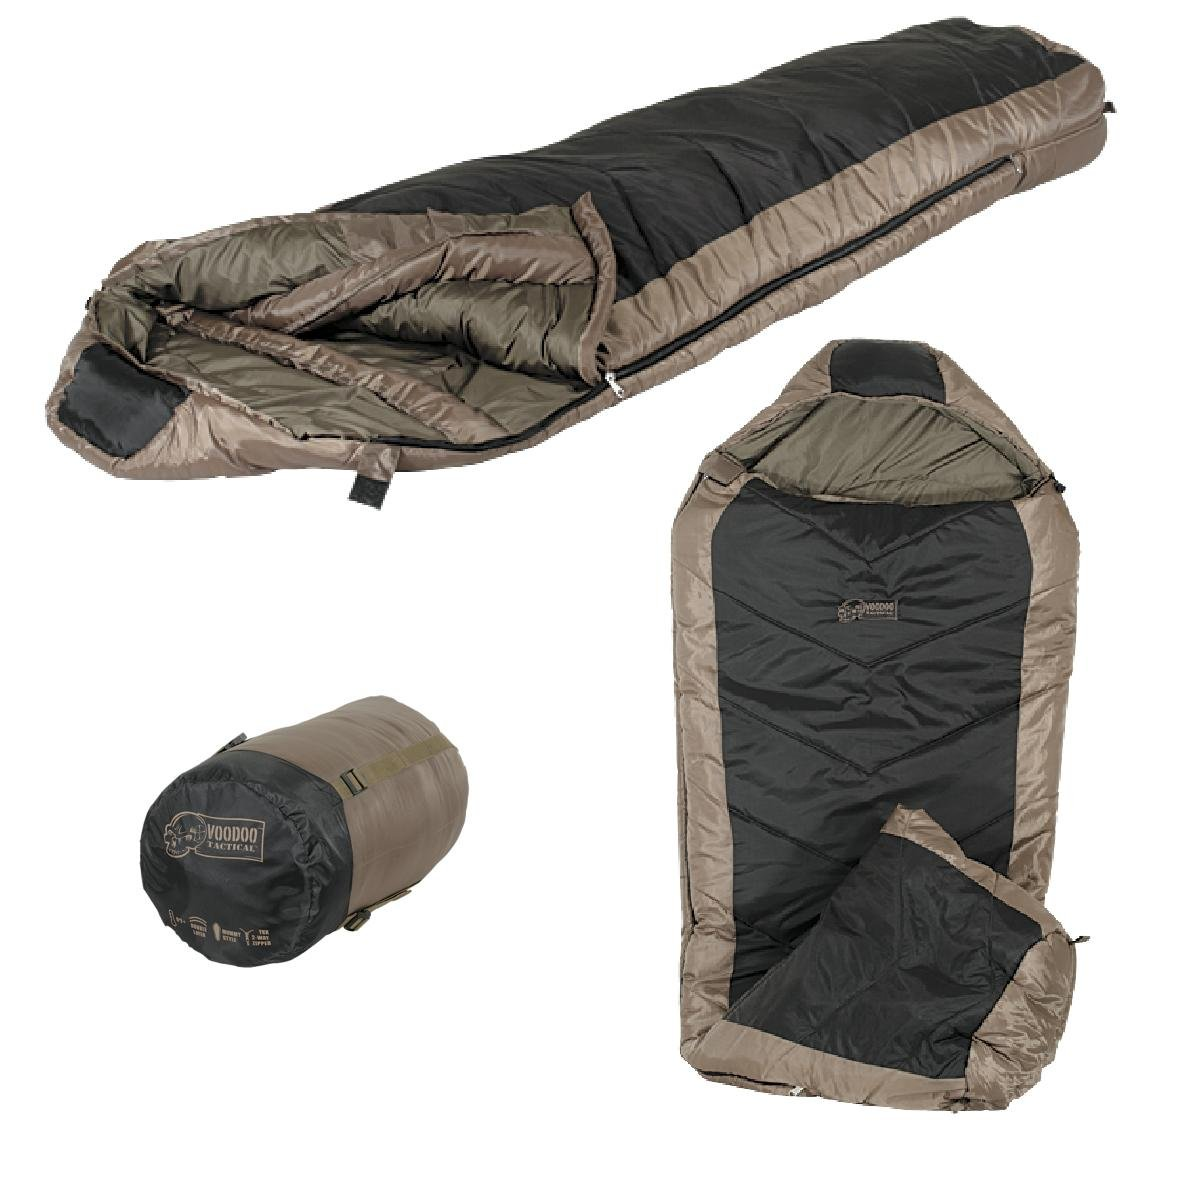 VooDoo Tactical 0 F Sleeping Bag